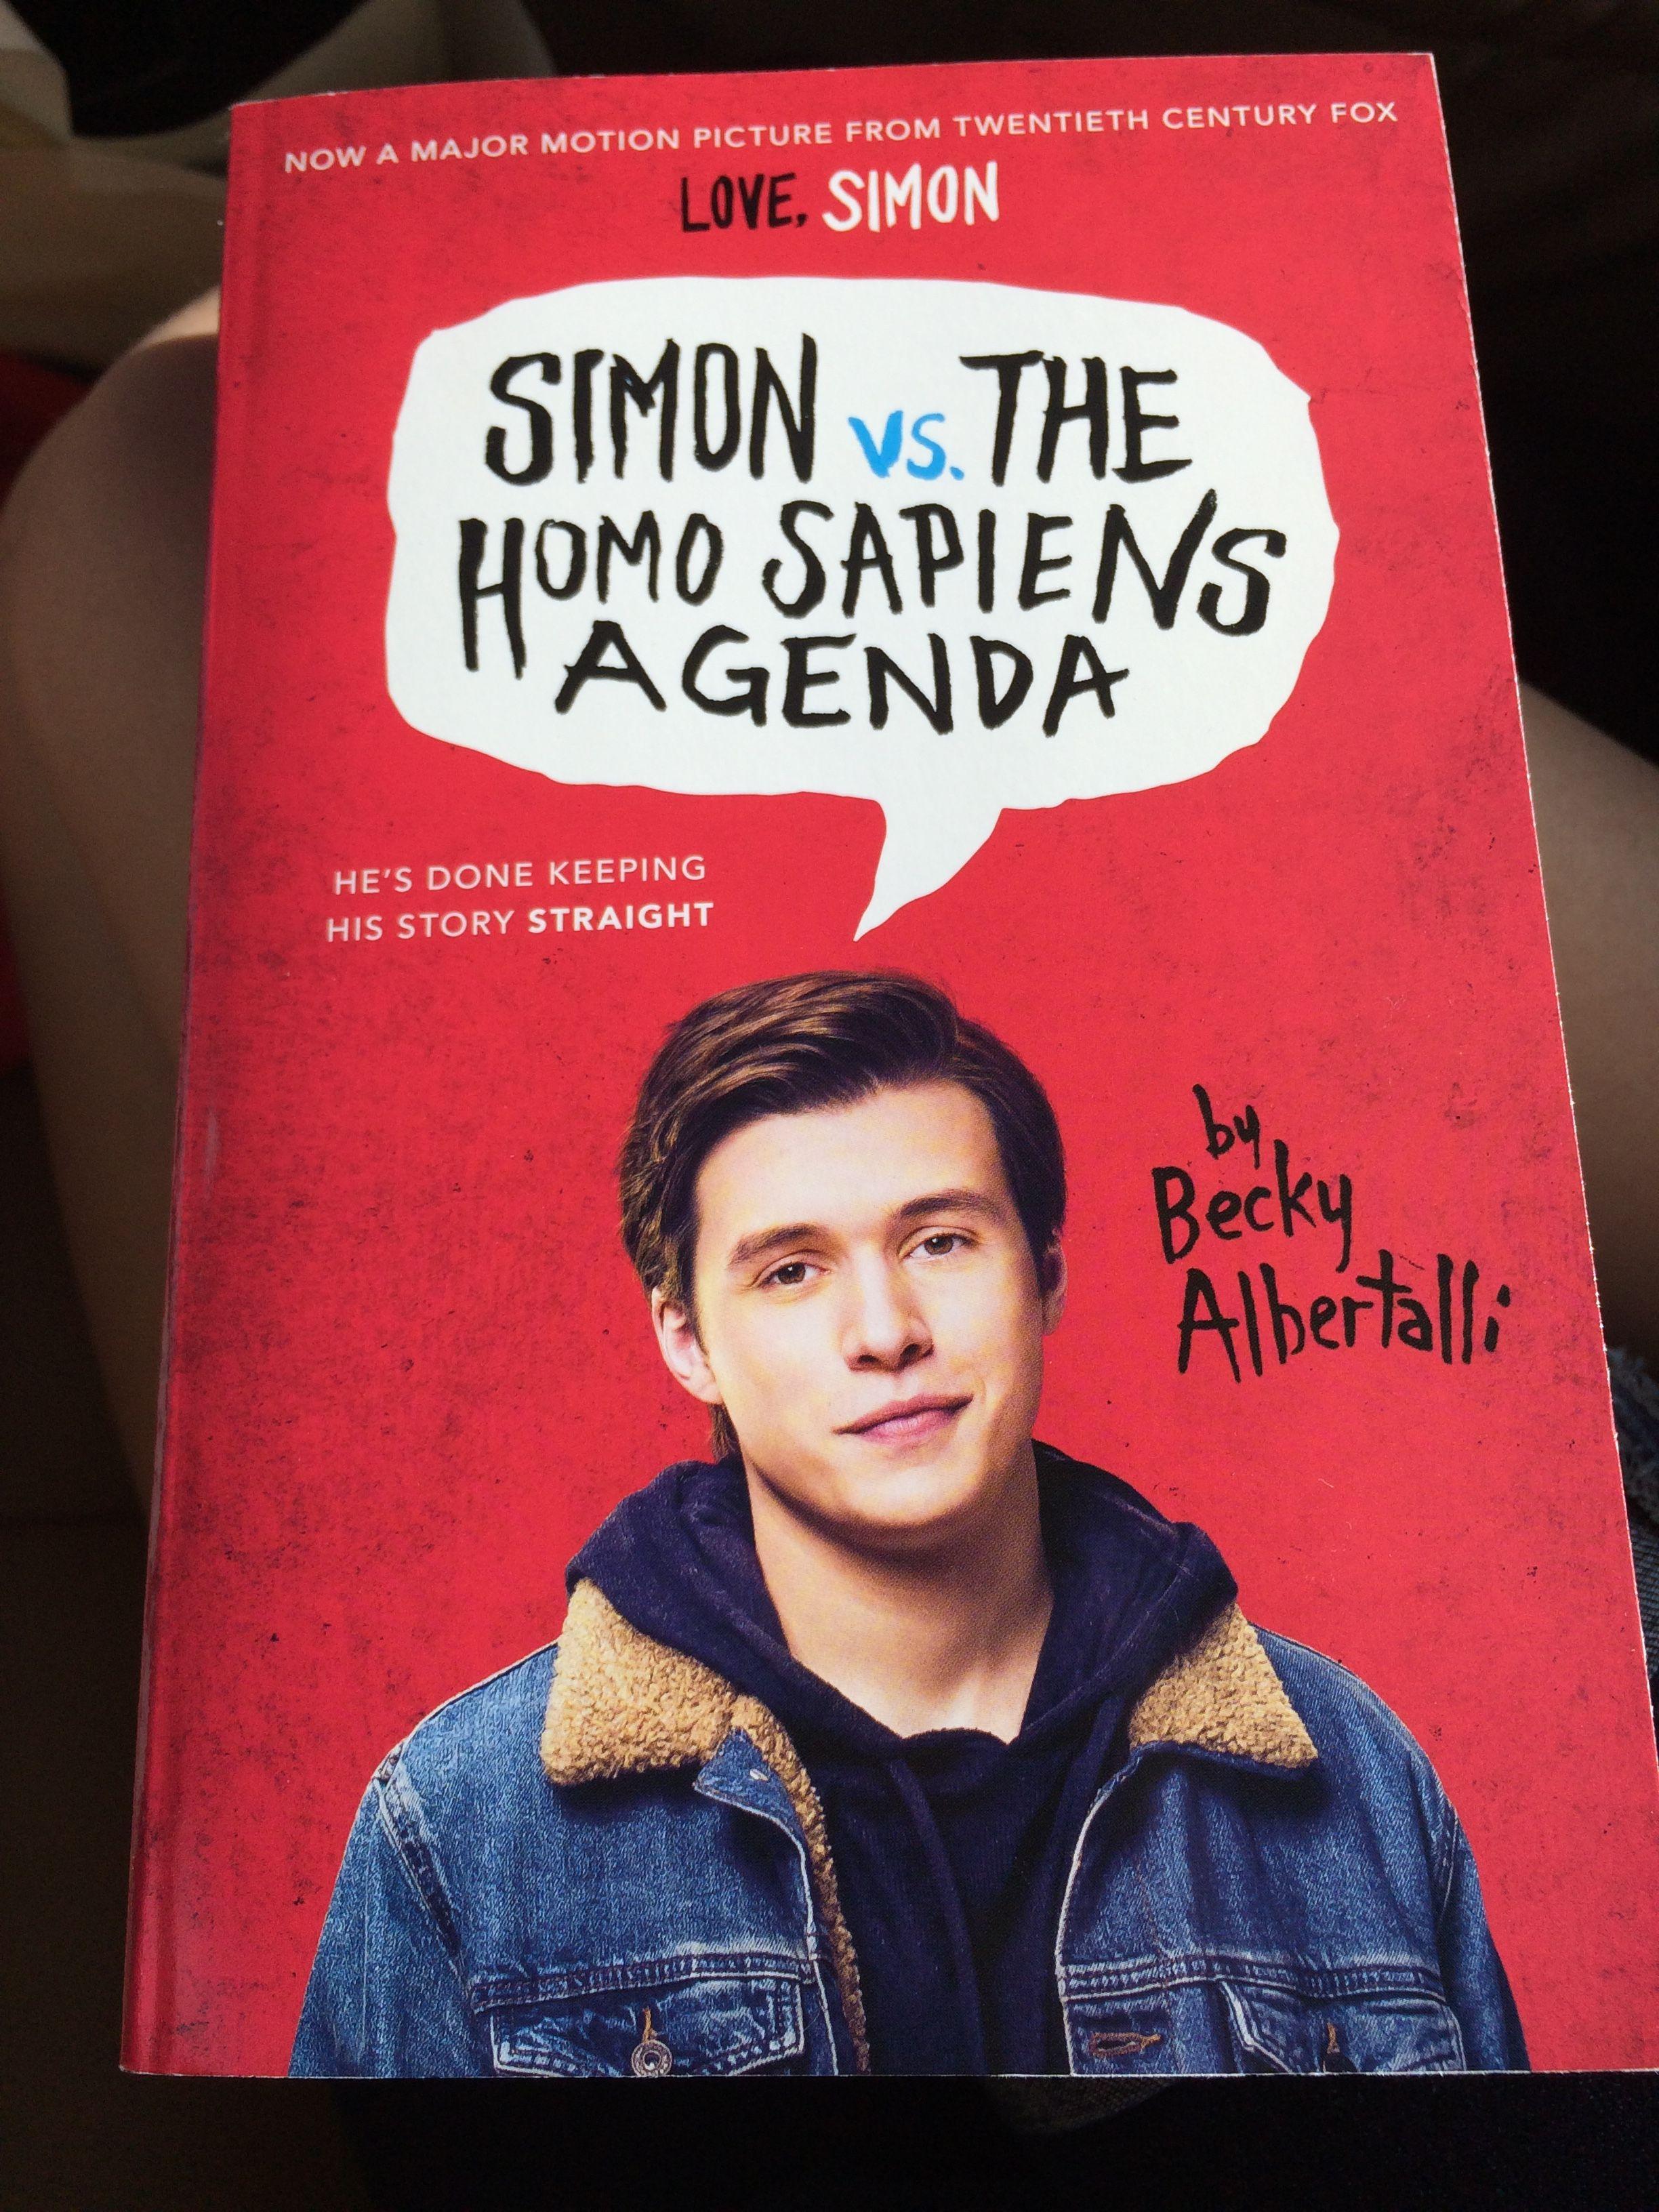 Pin de Railey em Love, Simon | Livros de filmes, Livros e